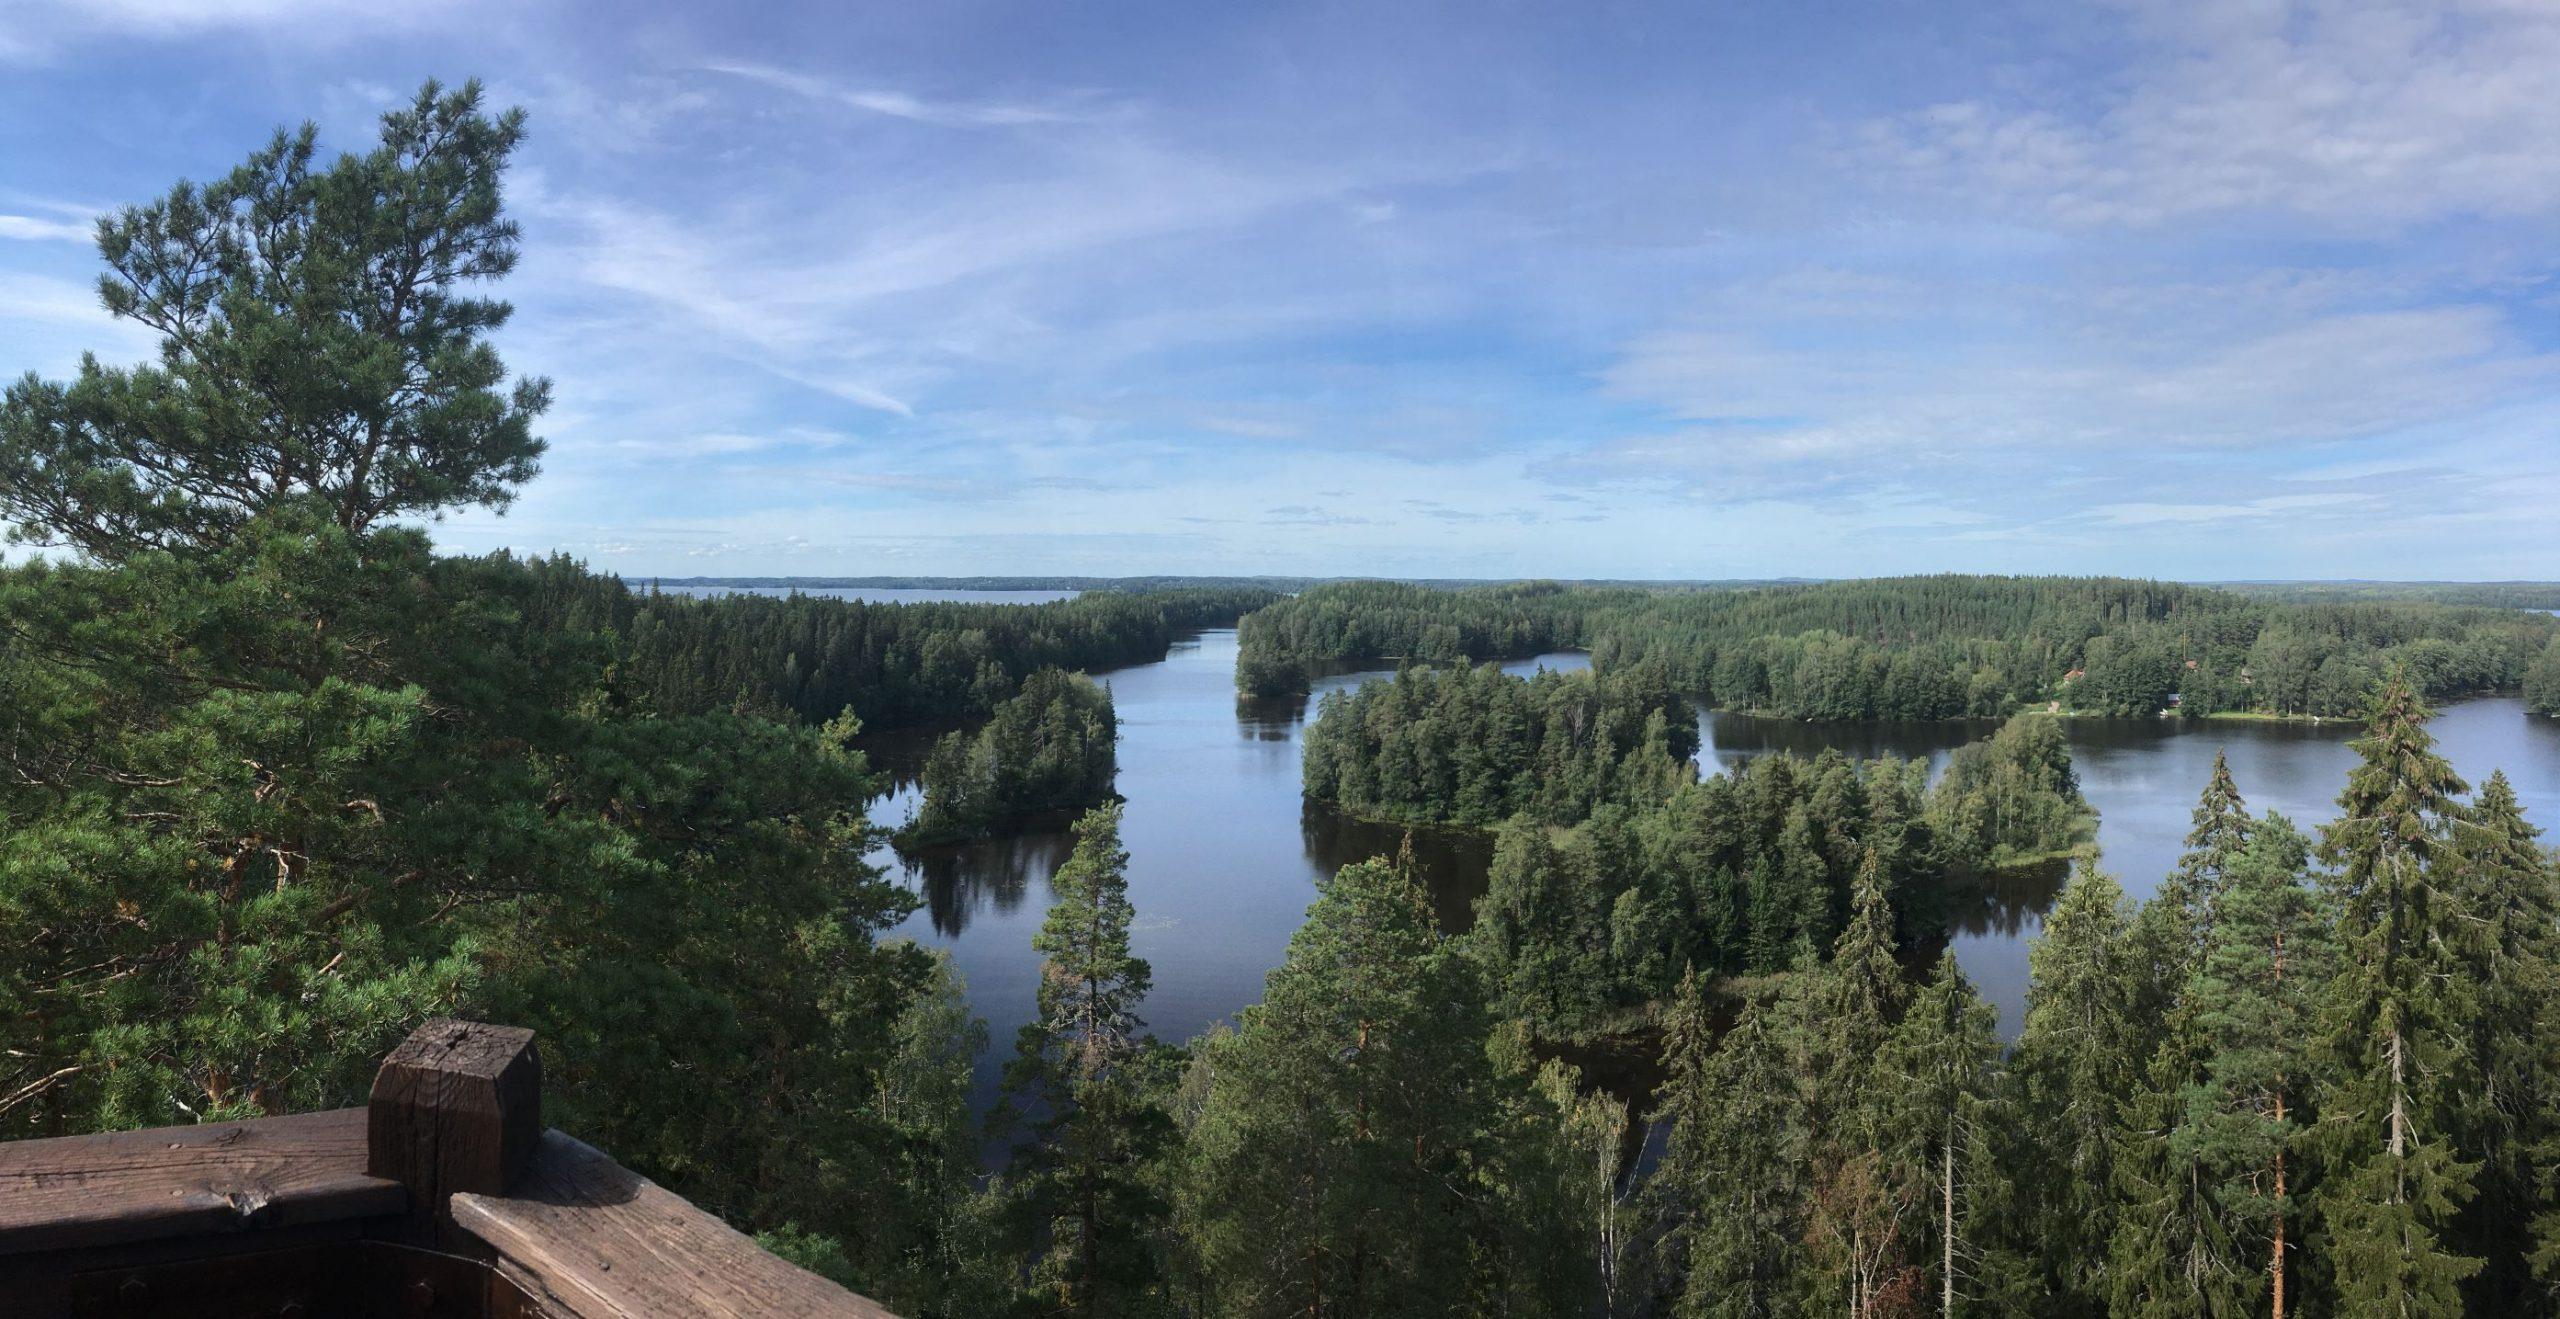 View from Kaukolanharju observation tower in Saari Folk Park